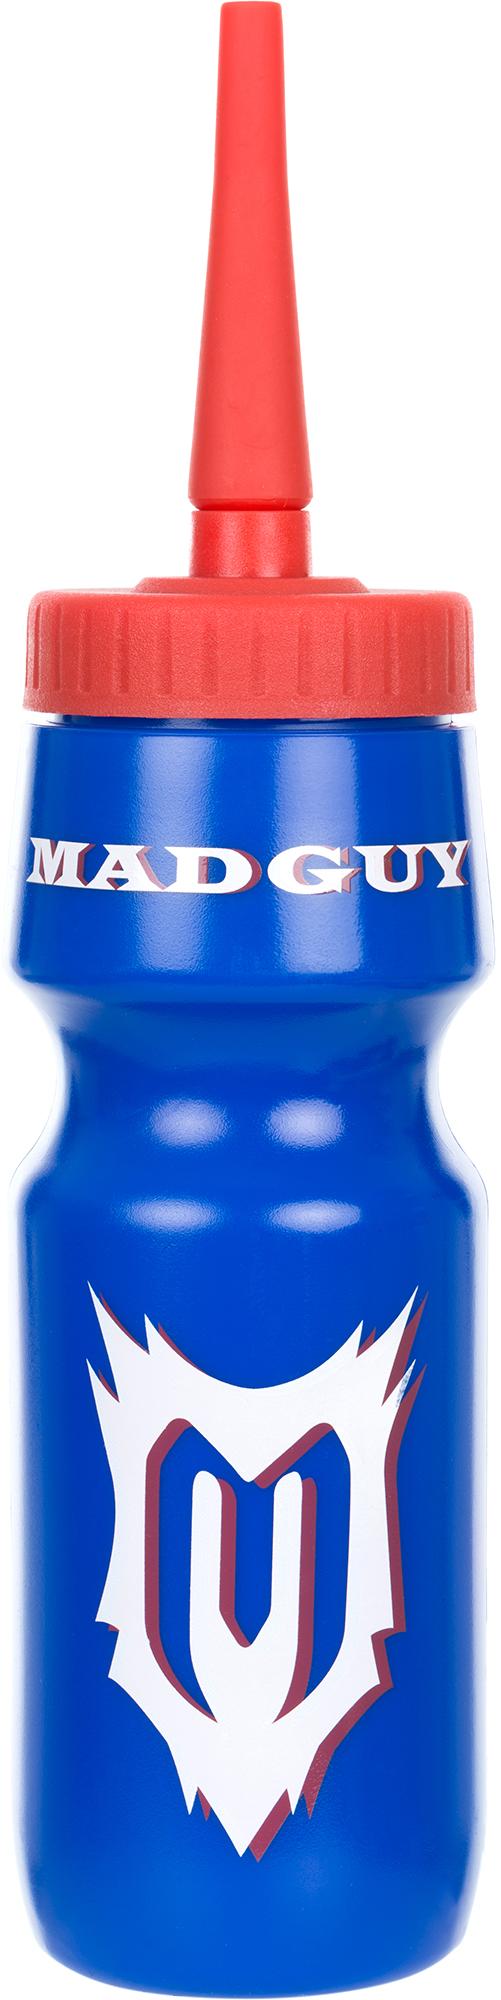 MadGuy Бутылка для воды MadGuy Water bottle бутылка спортивная 700 мл чёрная 1104075